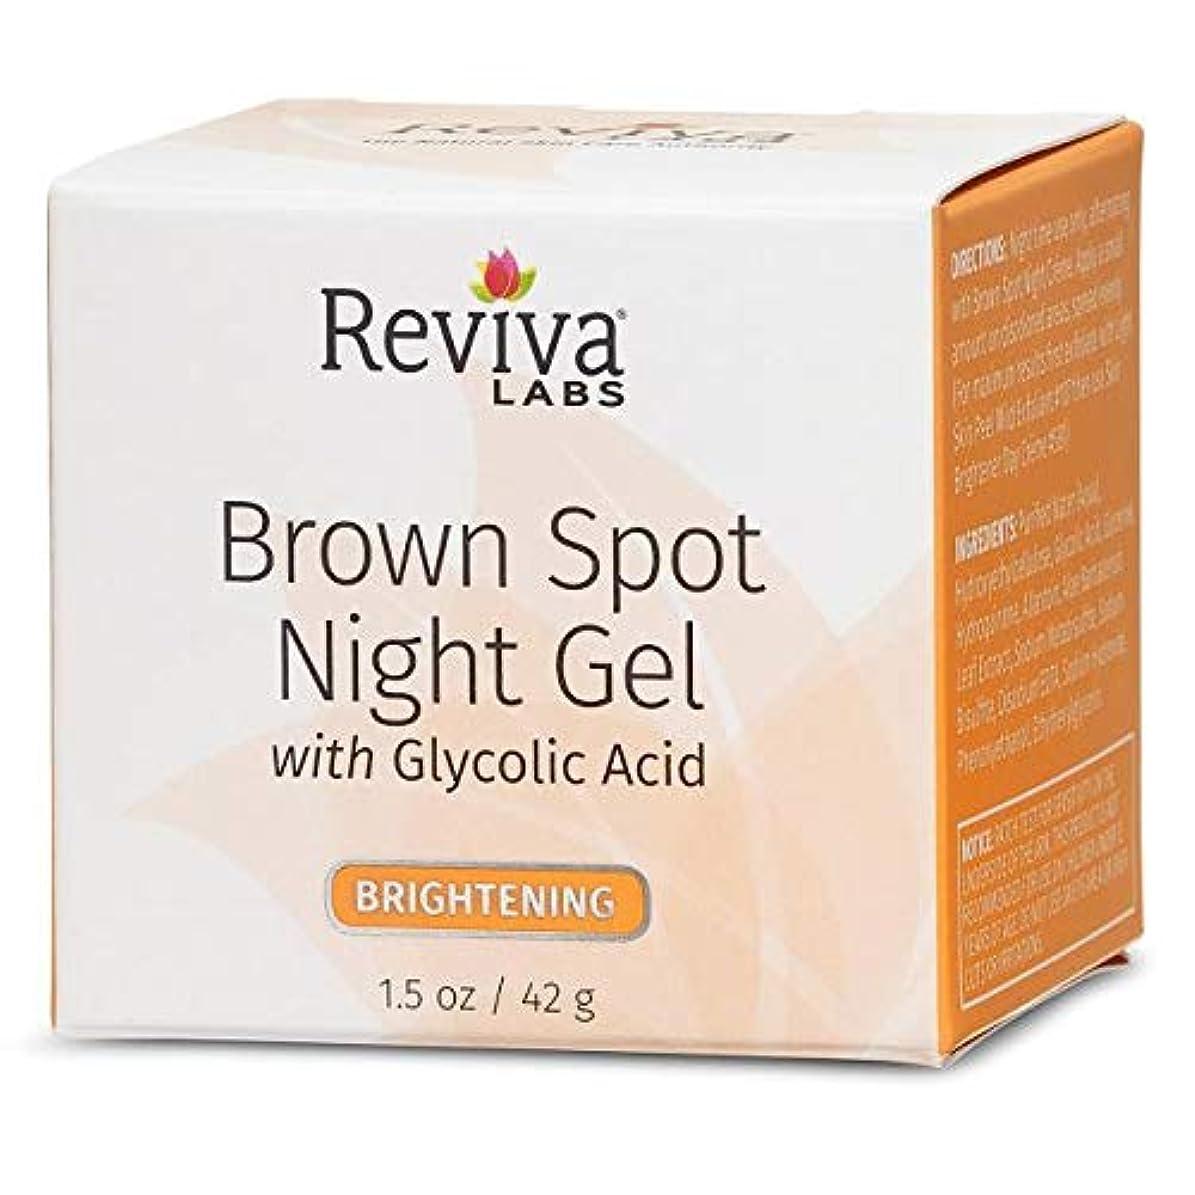 ブラウンスポット ナイトジェル グリコール酸入り 1.25oz. REVIVA LABS社製 海外直送品